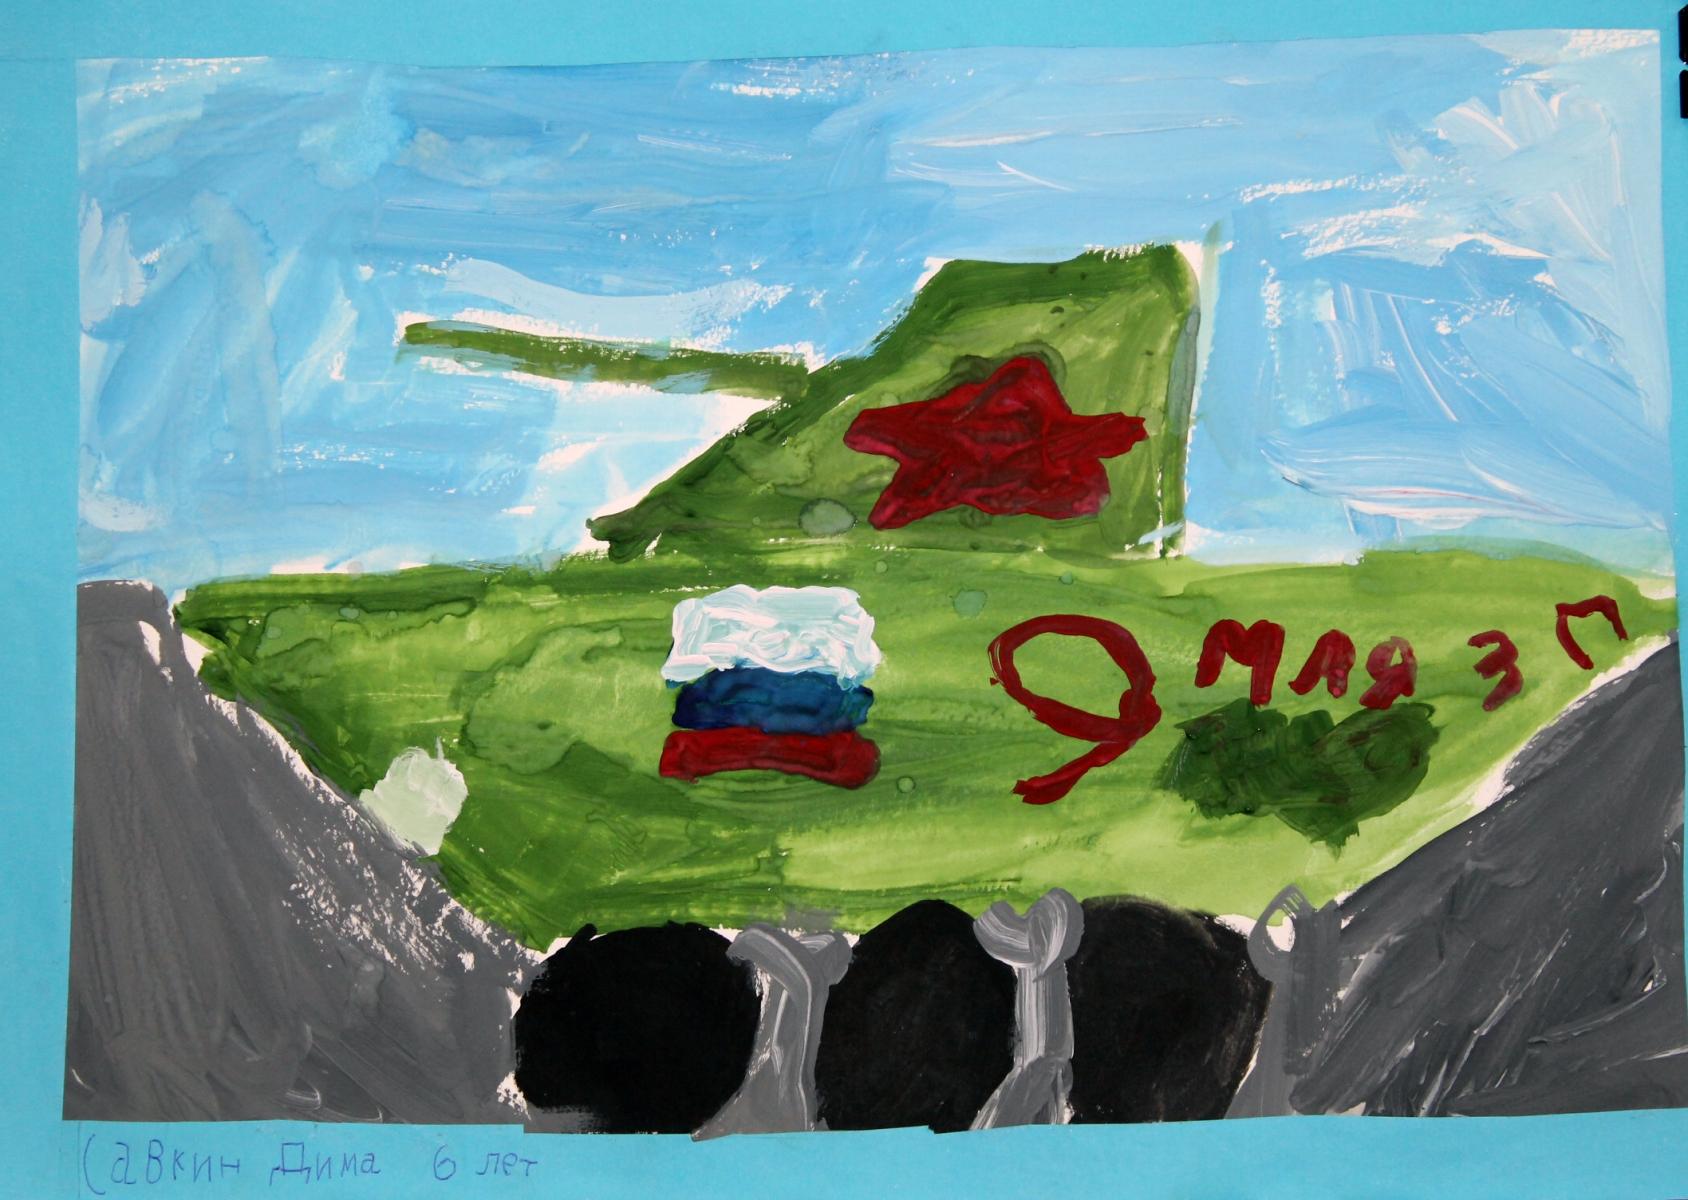 Савкин Дима 6 лет